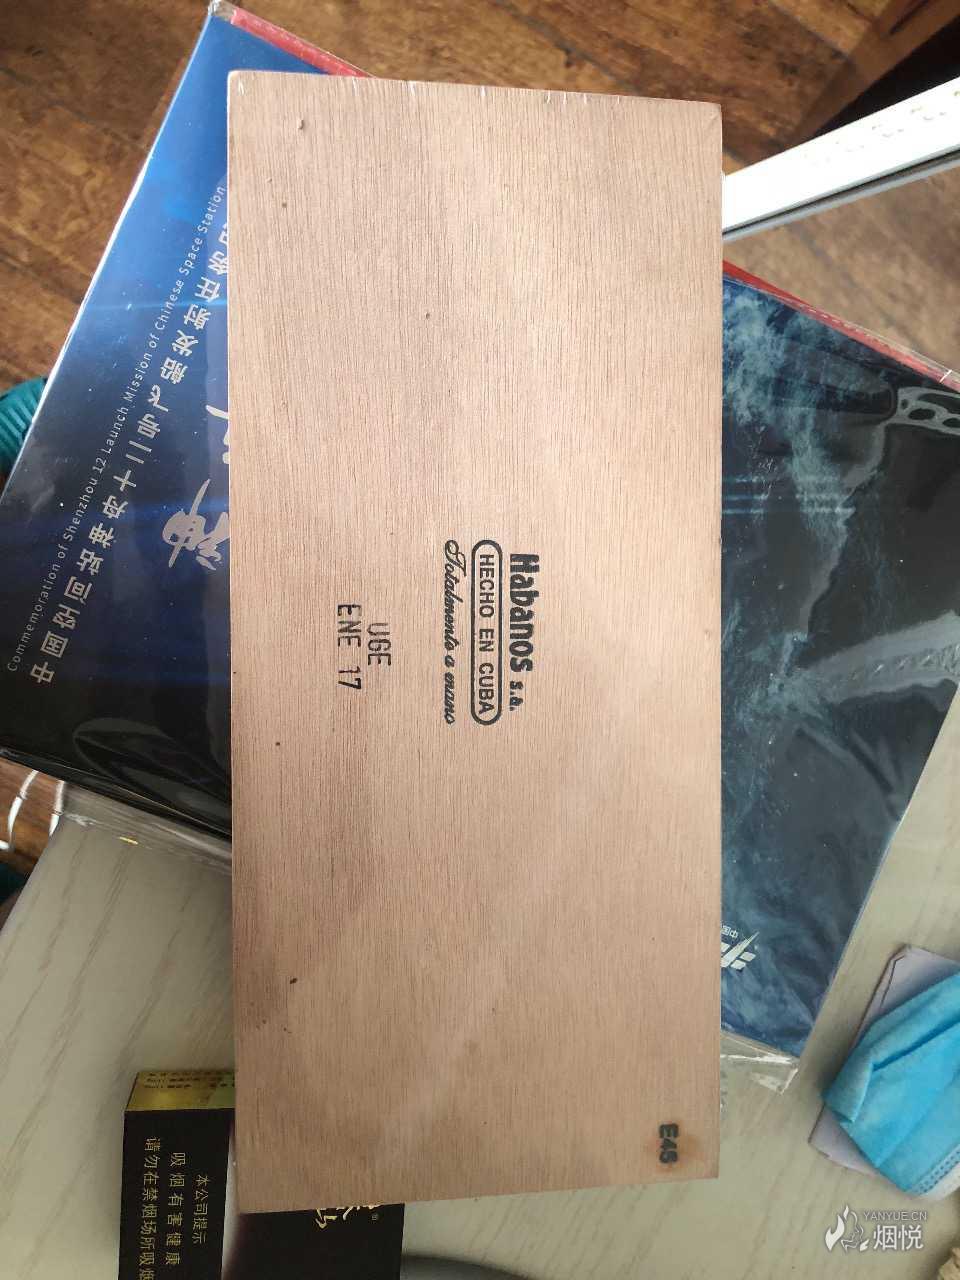 D575C1BB-81A0-480A-955D-F4BB5F665010.jpeg